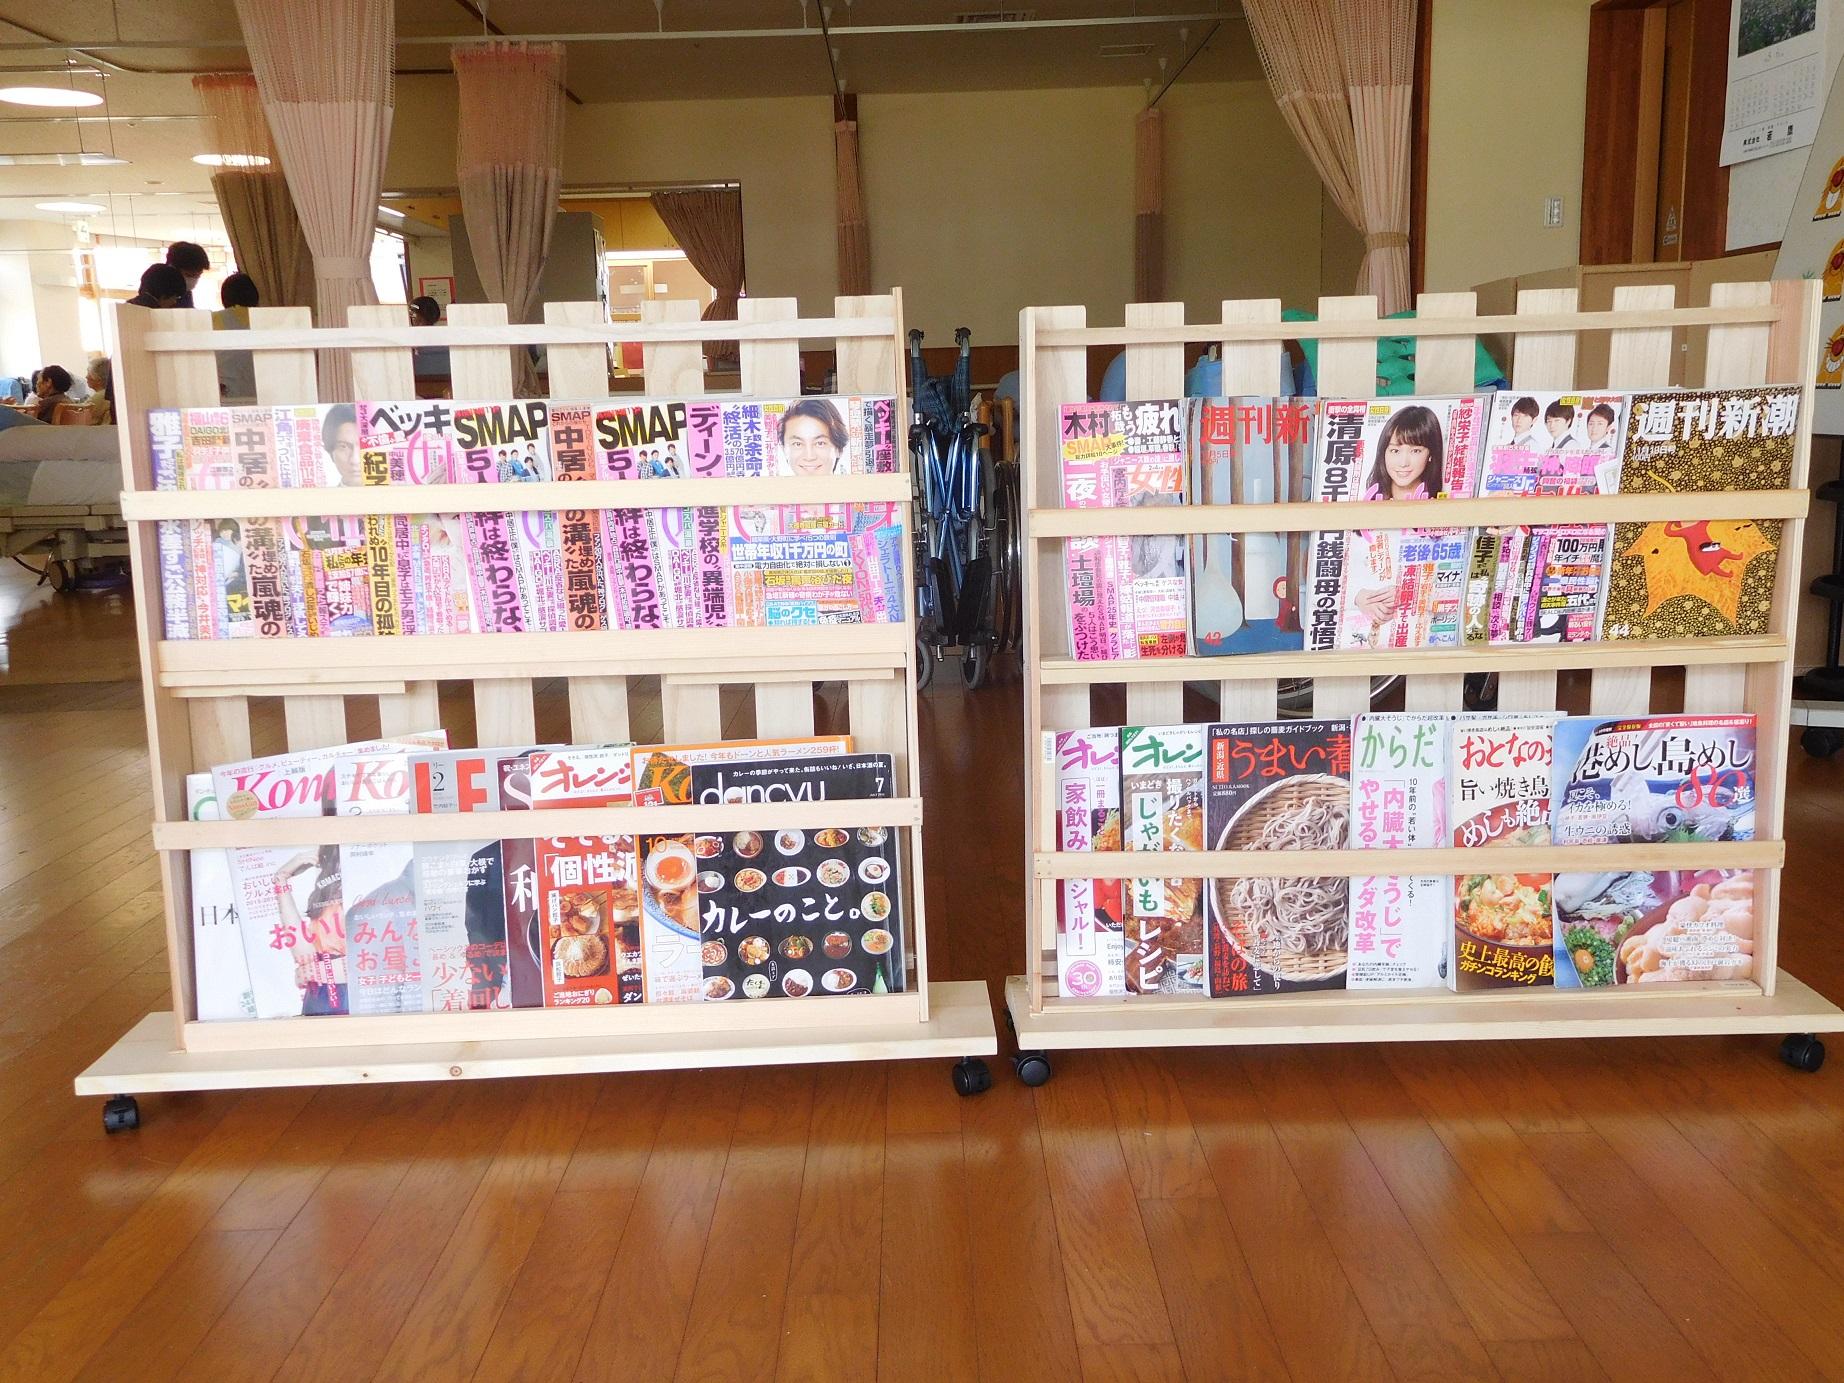 とっても素敵な本棚に仕上がりました